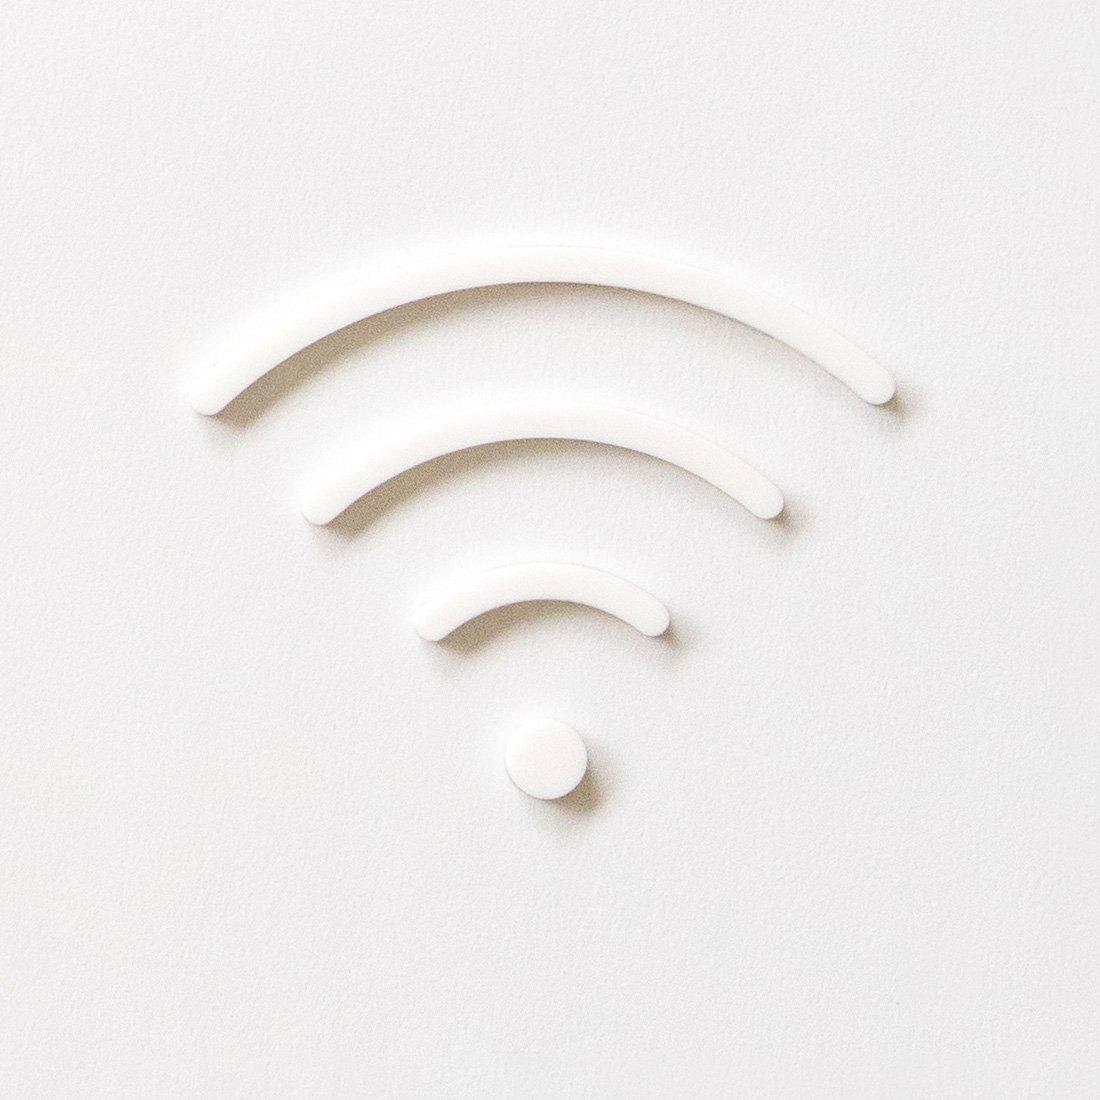 一般家庭やオフィス 公共スペースや宿泊施設など さまざまな場所にフィットするシンプルでクリーンな印象の Wi-Fi 無線LAN ピクトグラムサイン MOHEIM ふるさと割 white ホワイト 時間指定不可 公共スペース オフィス 宿泊施設 SIGN 備品 店舗 新築祝い RESTROOM 新築